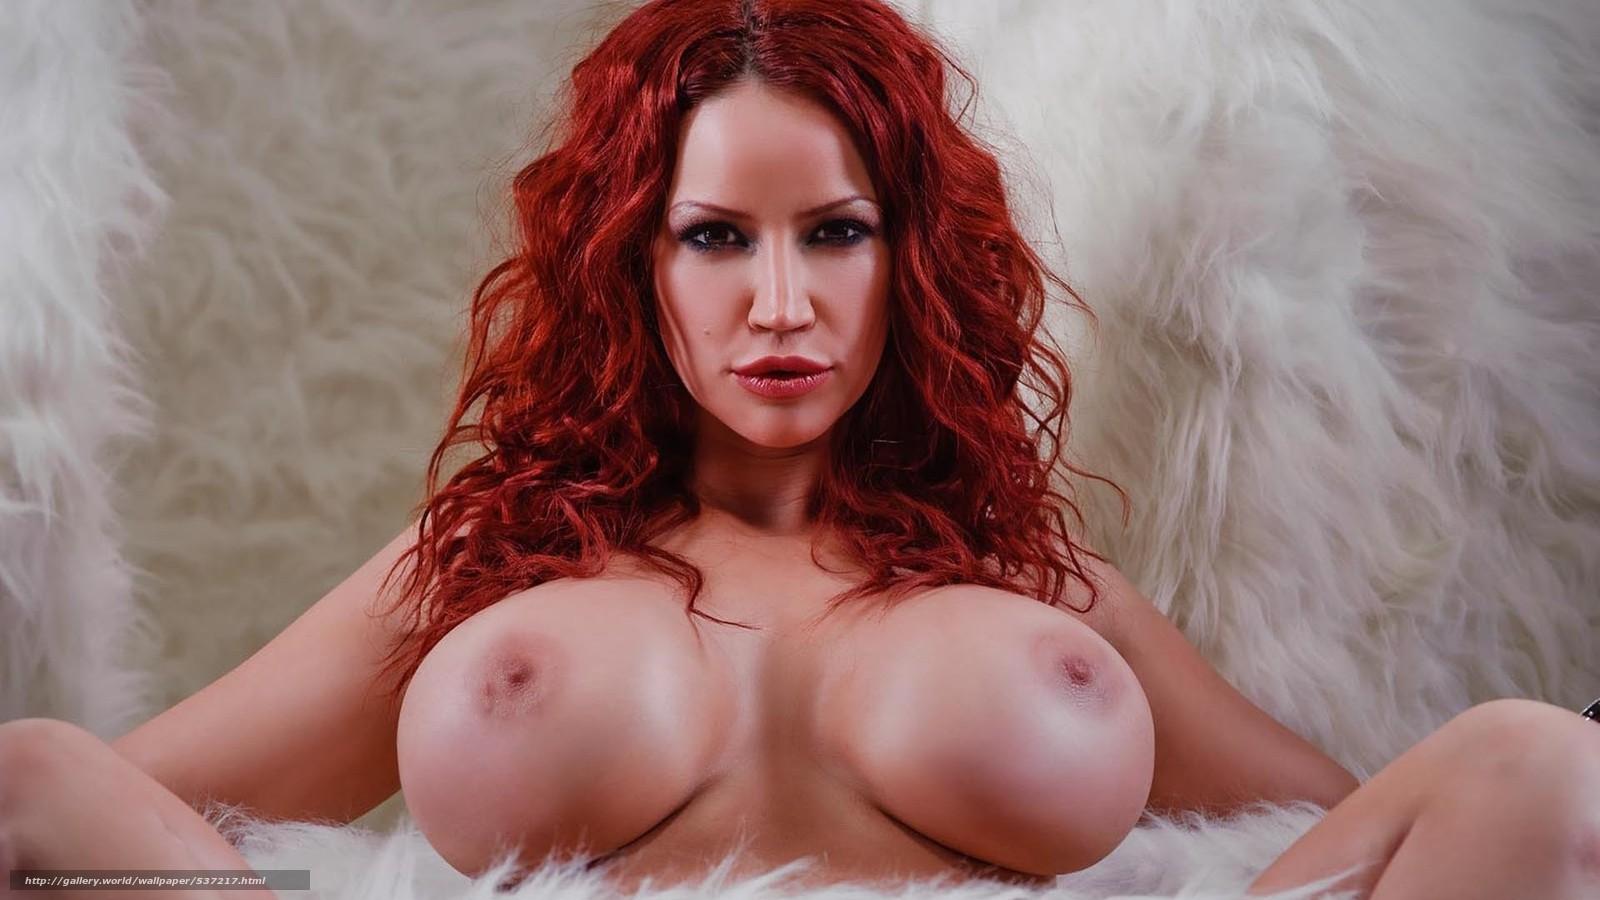 Рыжая с большой грудью смотреть онлайн 3 фотография